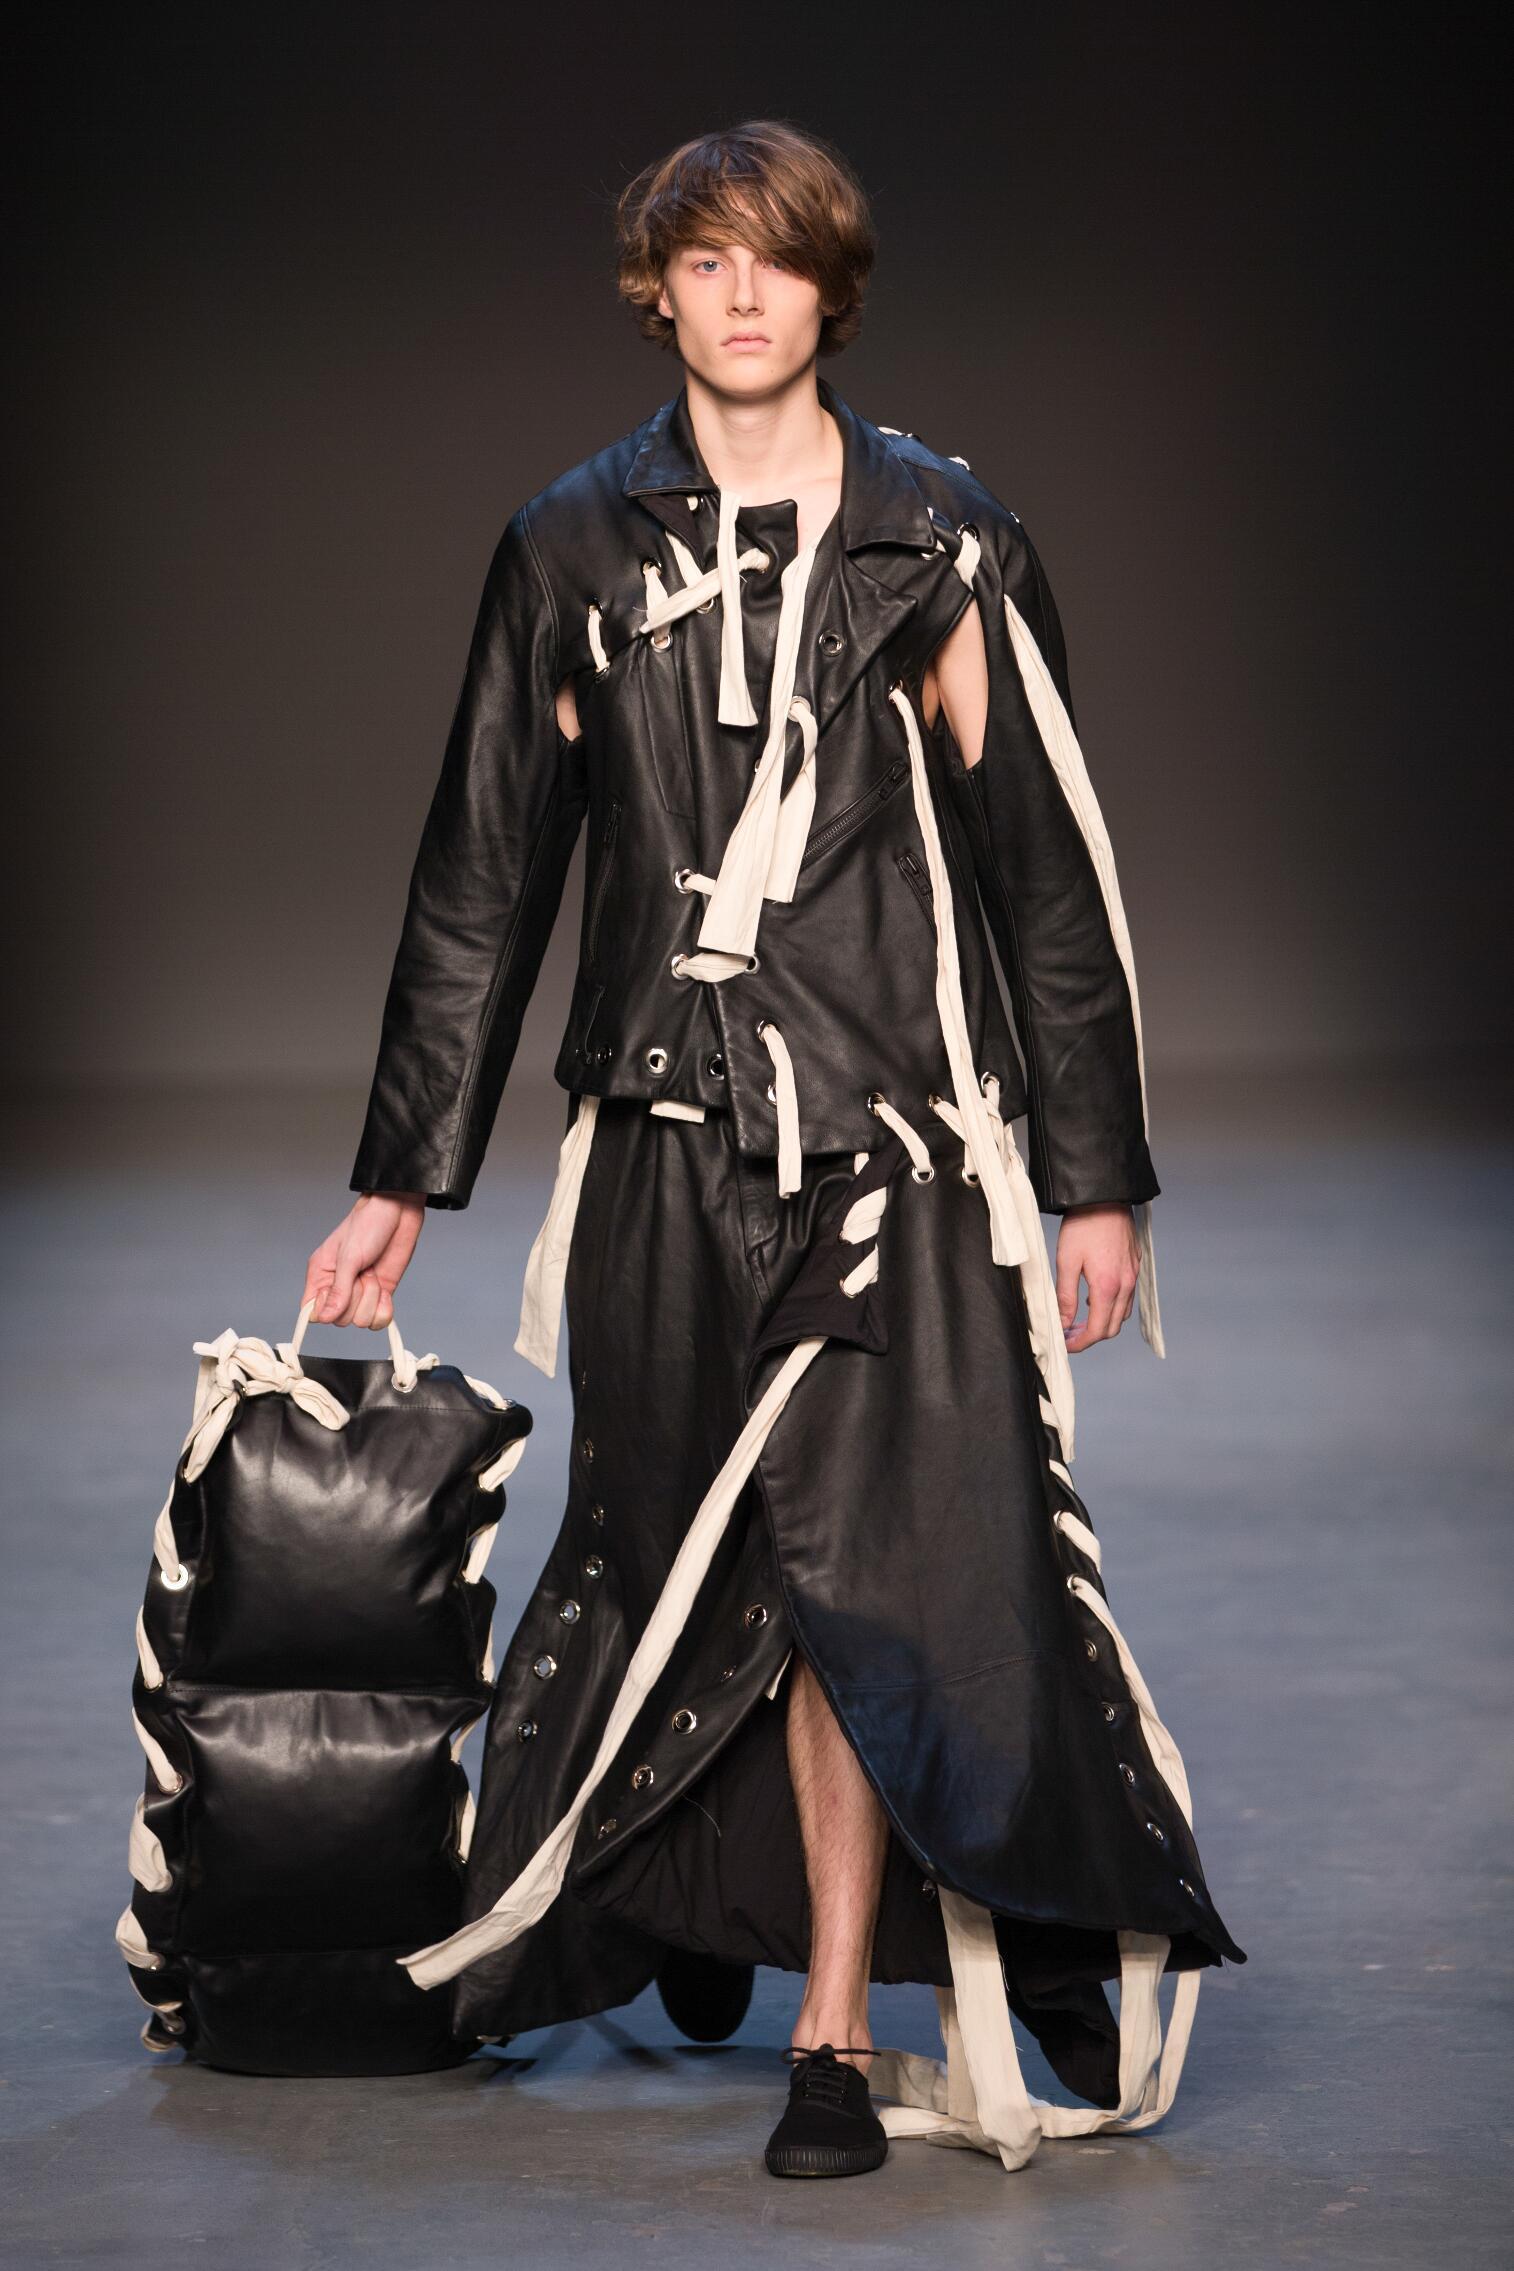 Craig Green London Fashion Week Menswear